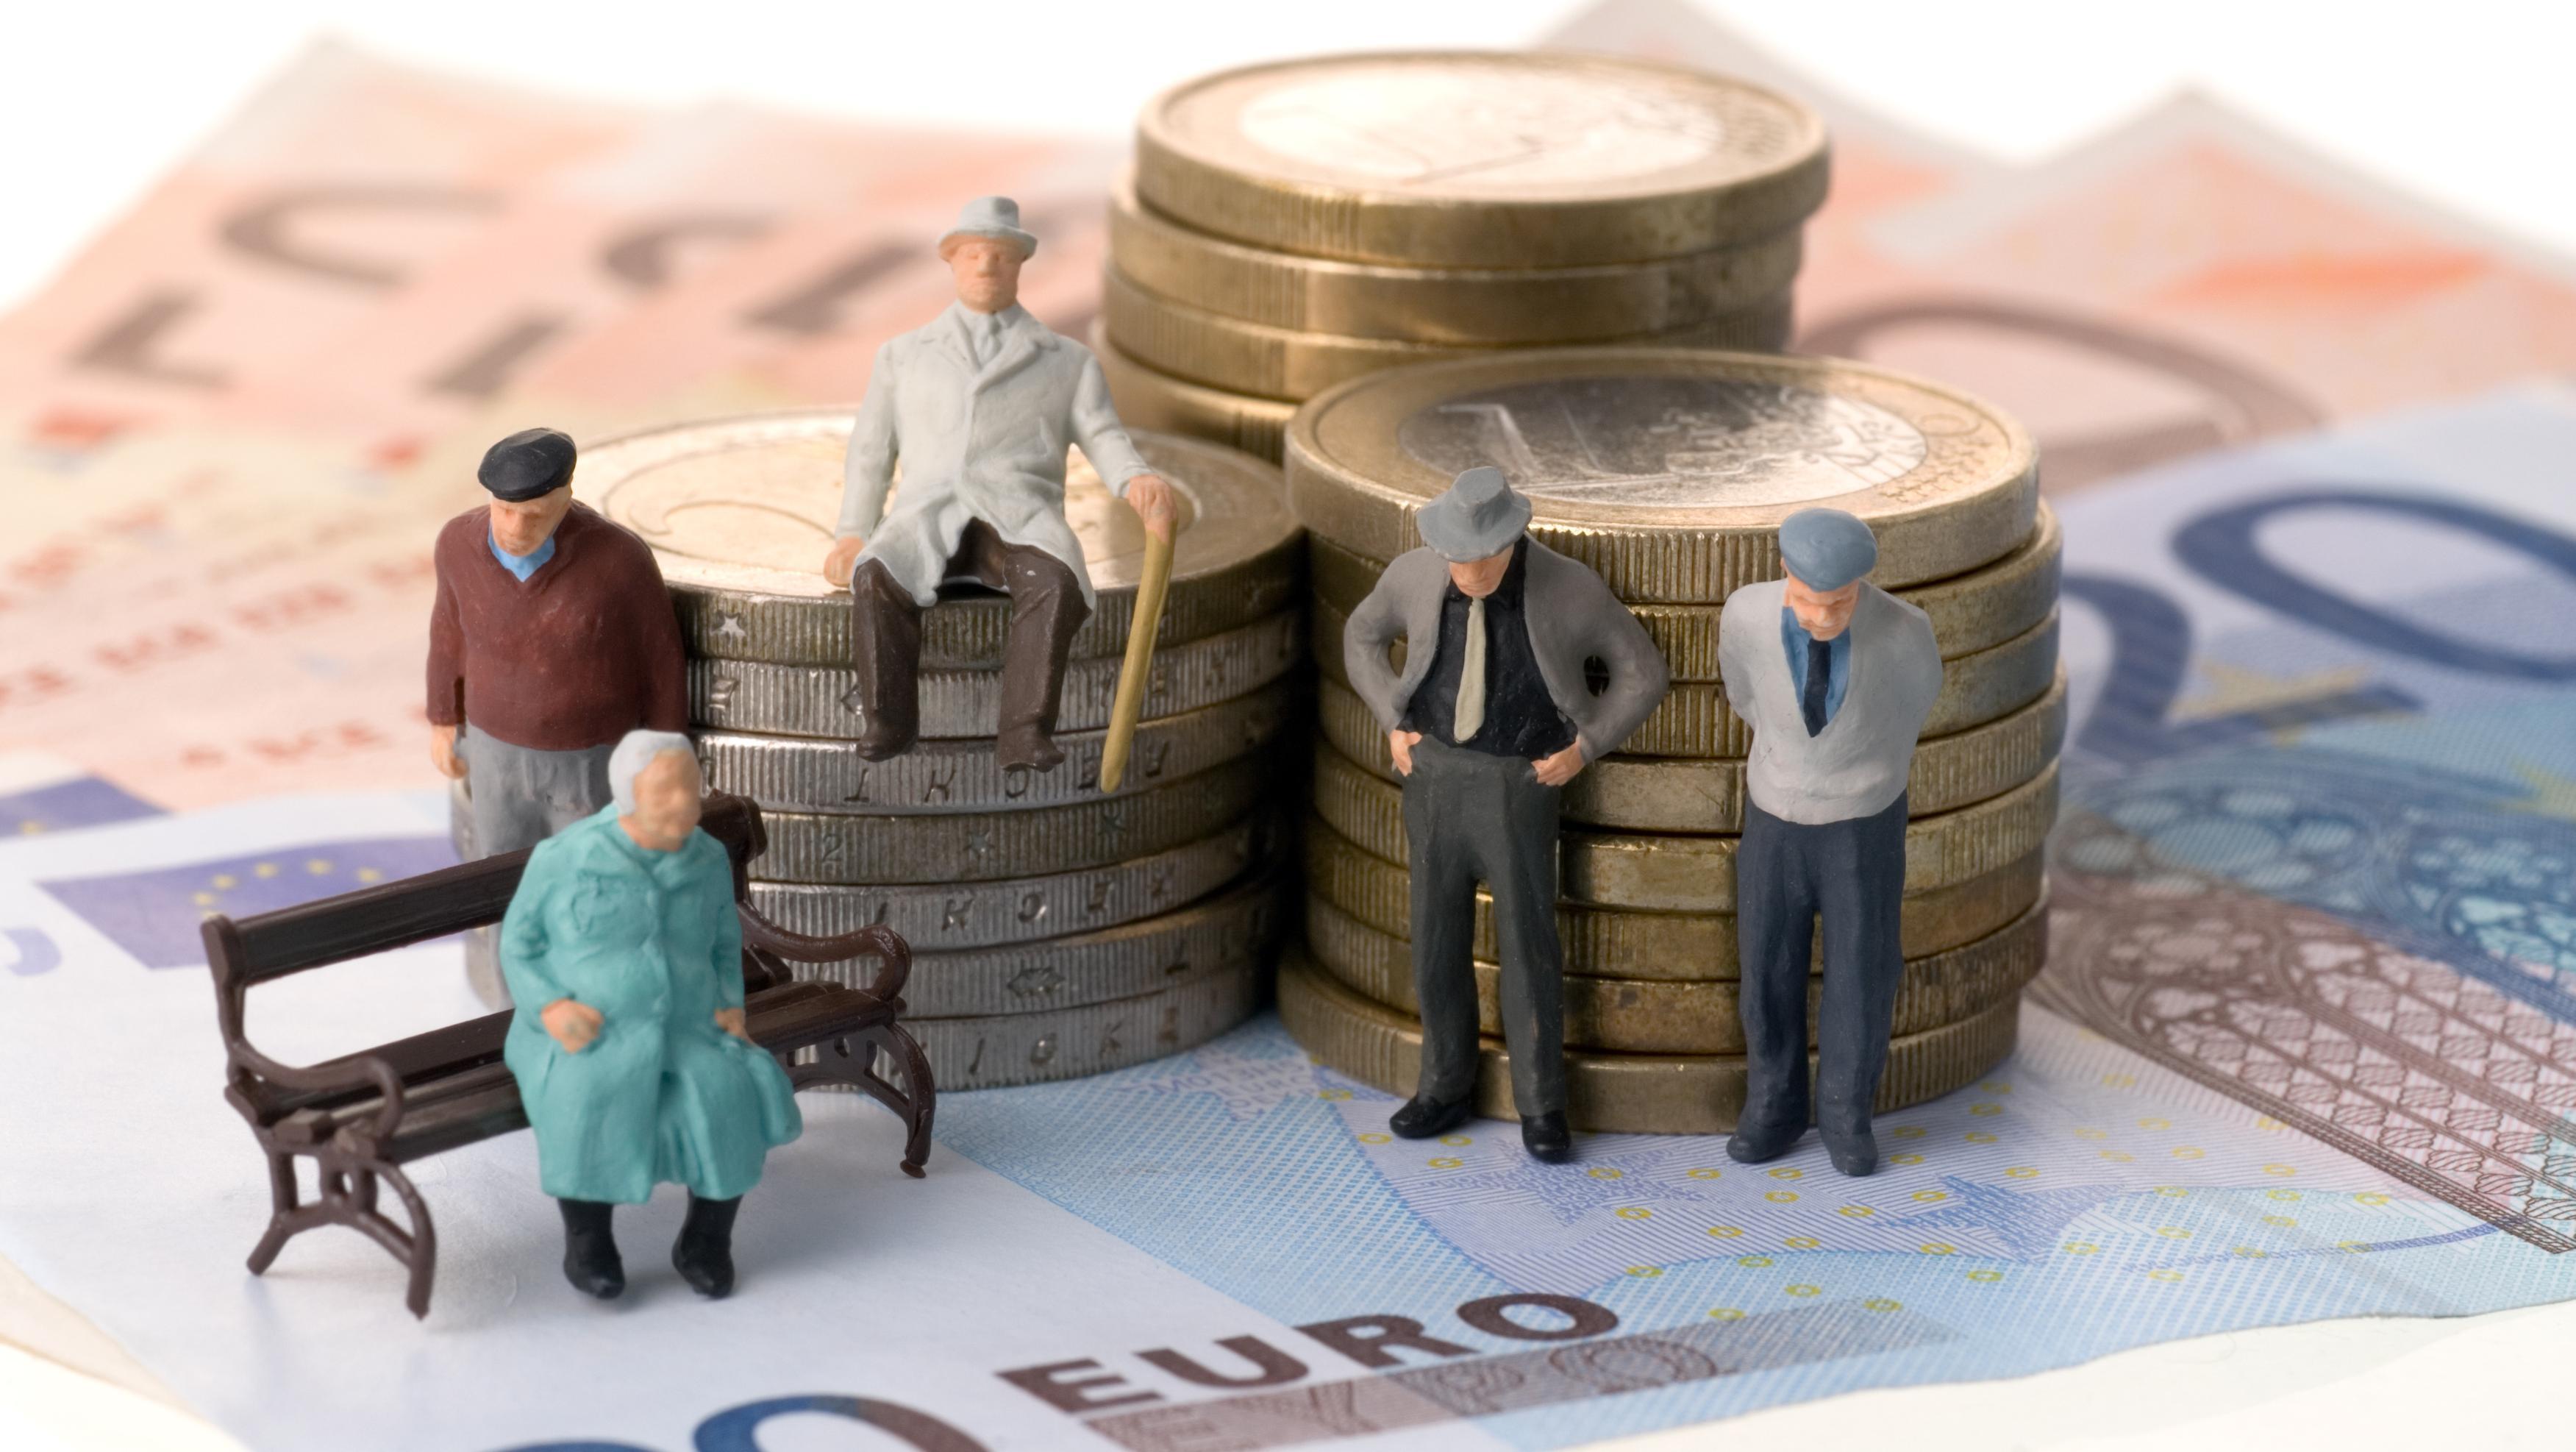 Льготы пенсионерам после 80 лет: куда обращаться и как оформить